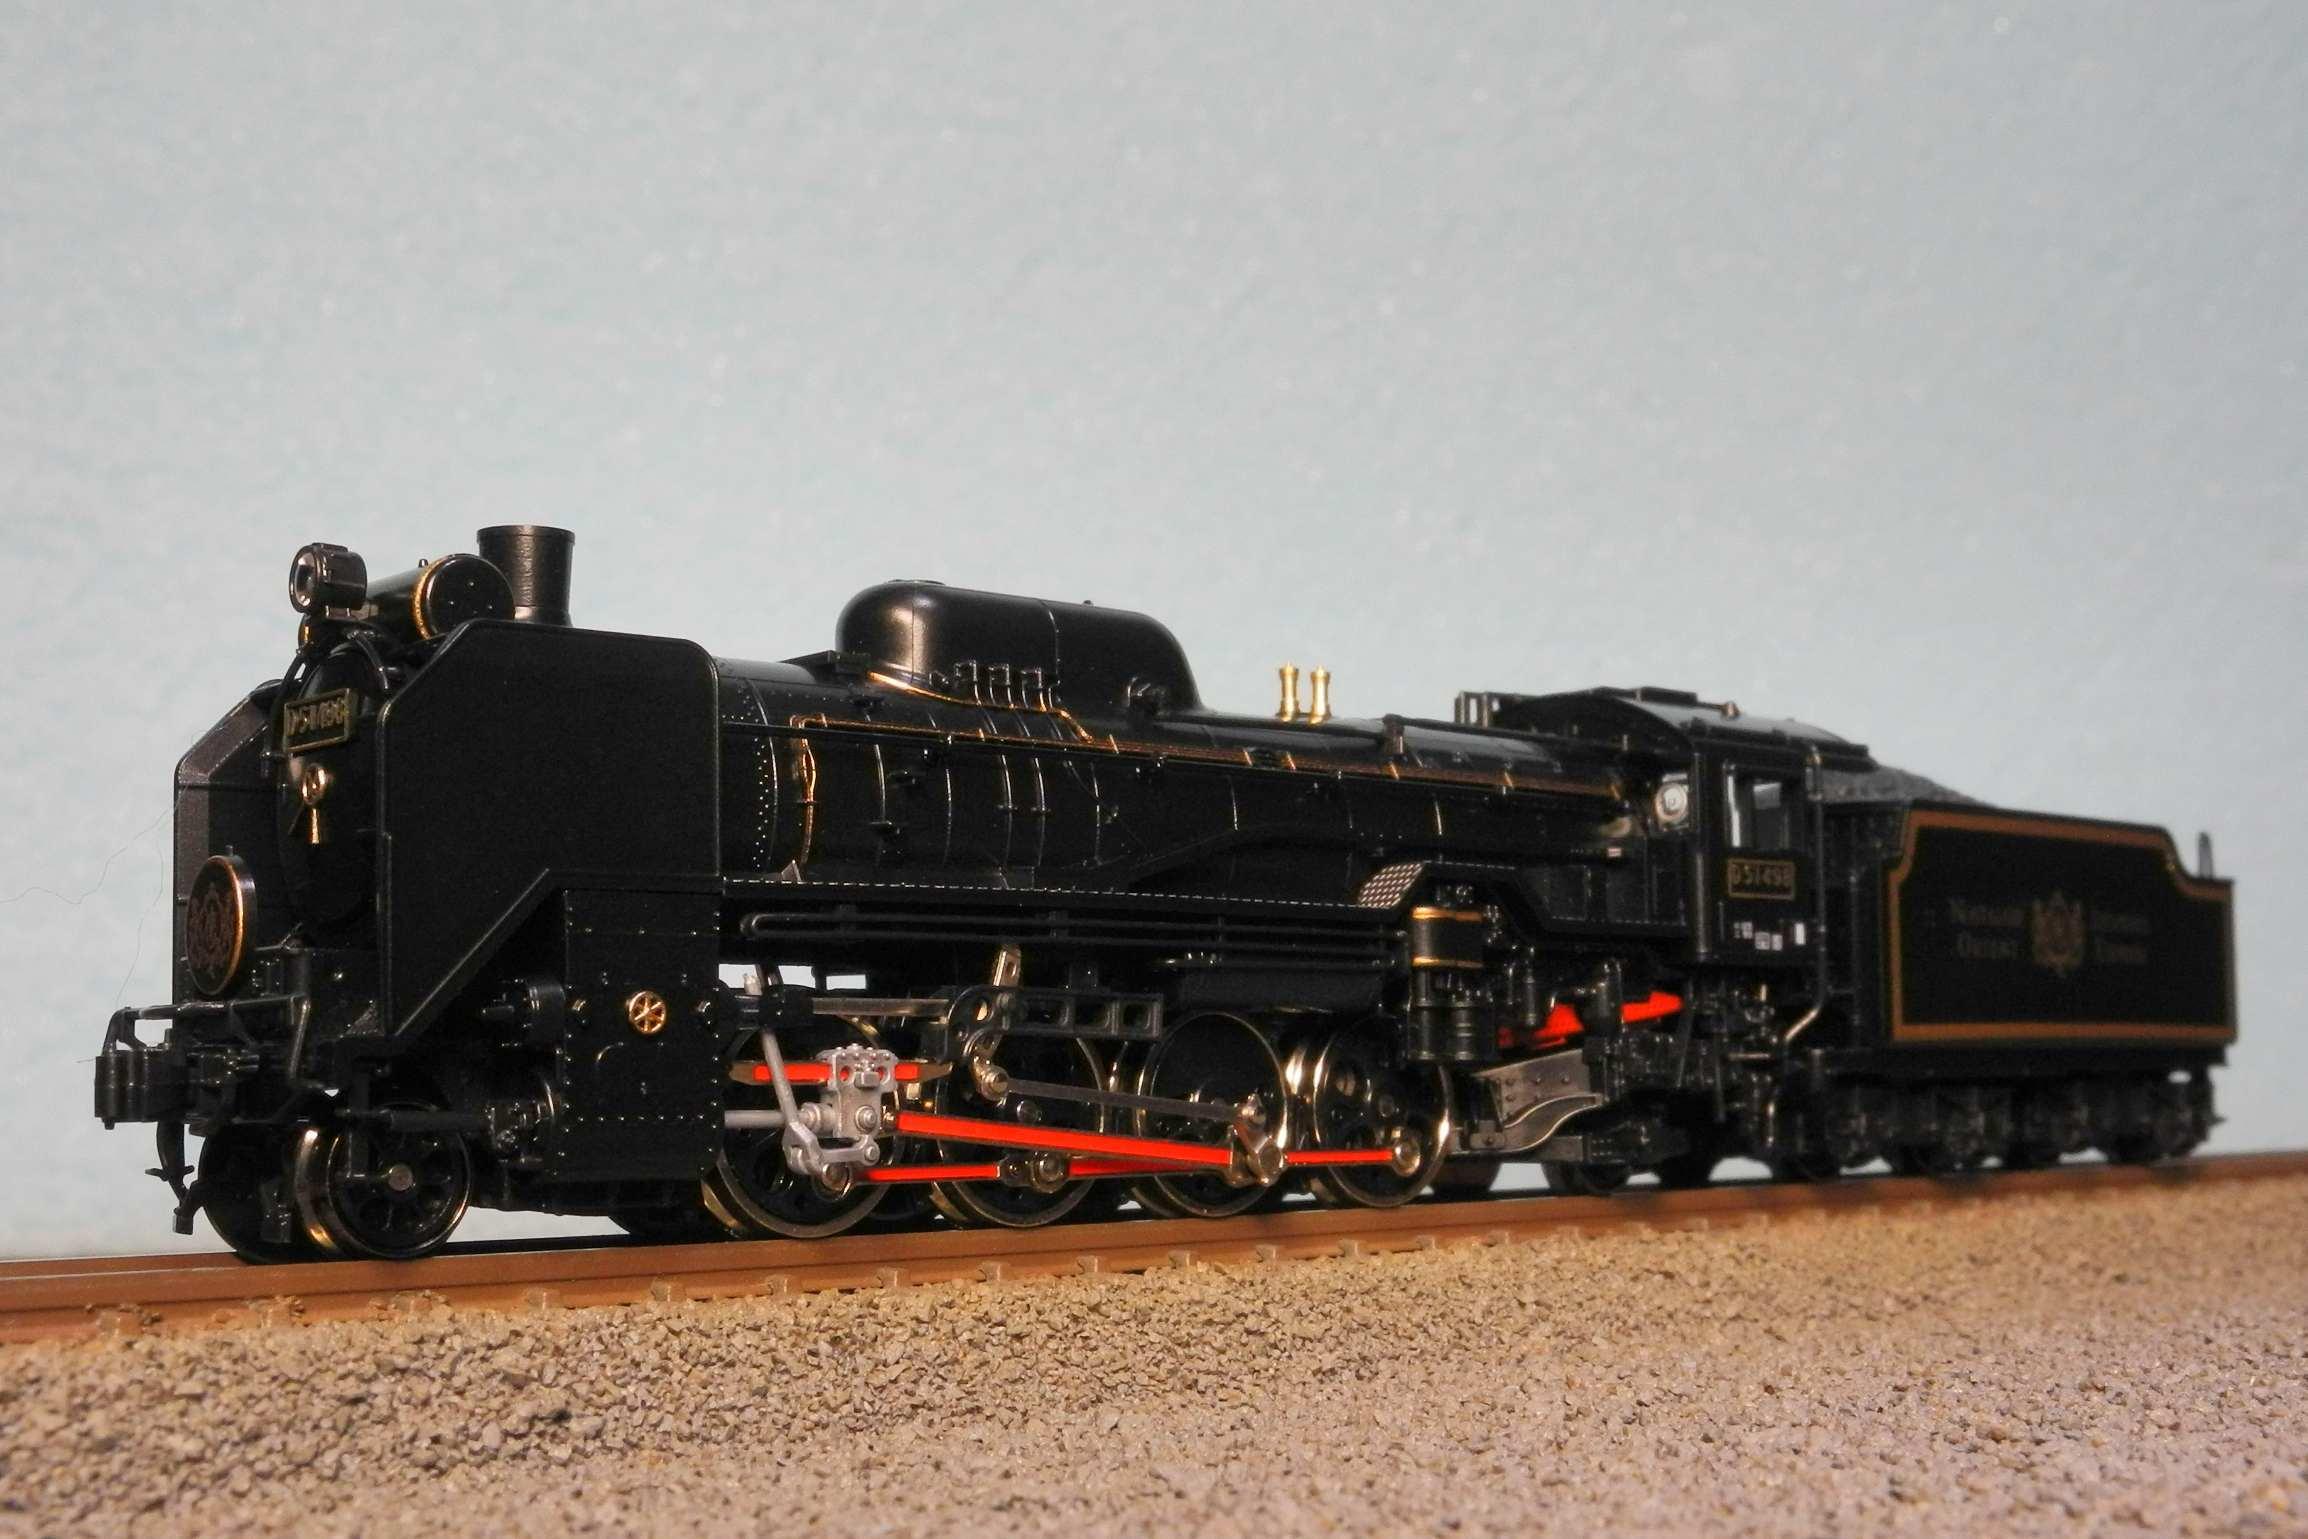 DSCN8728-1.jpg